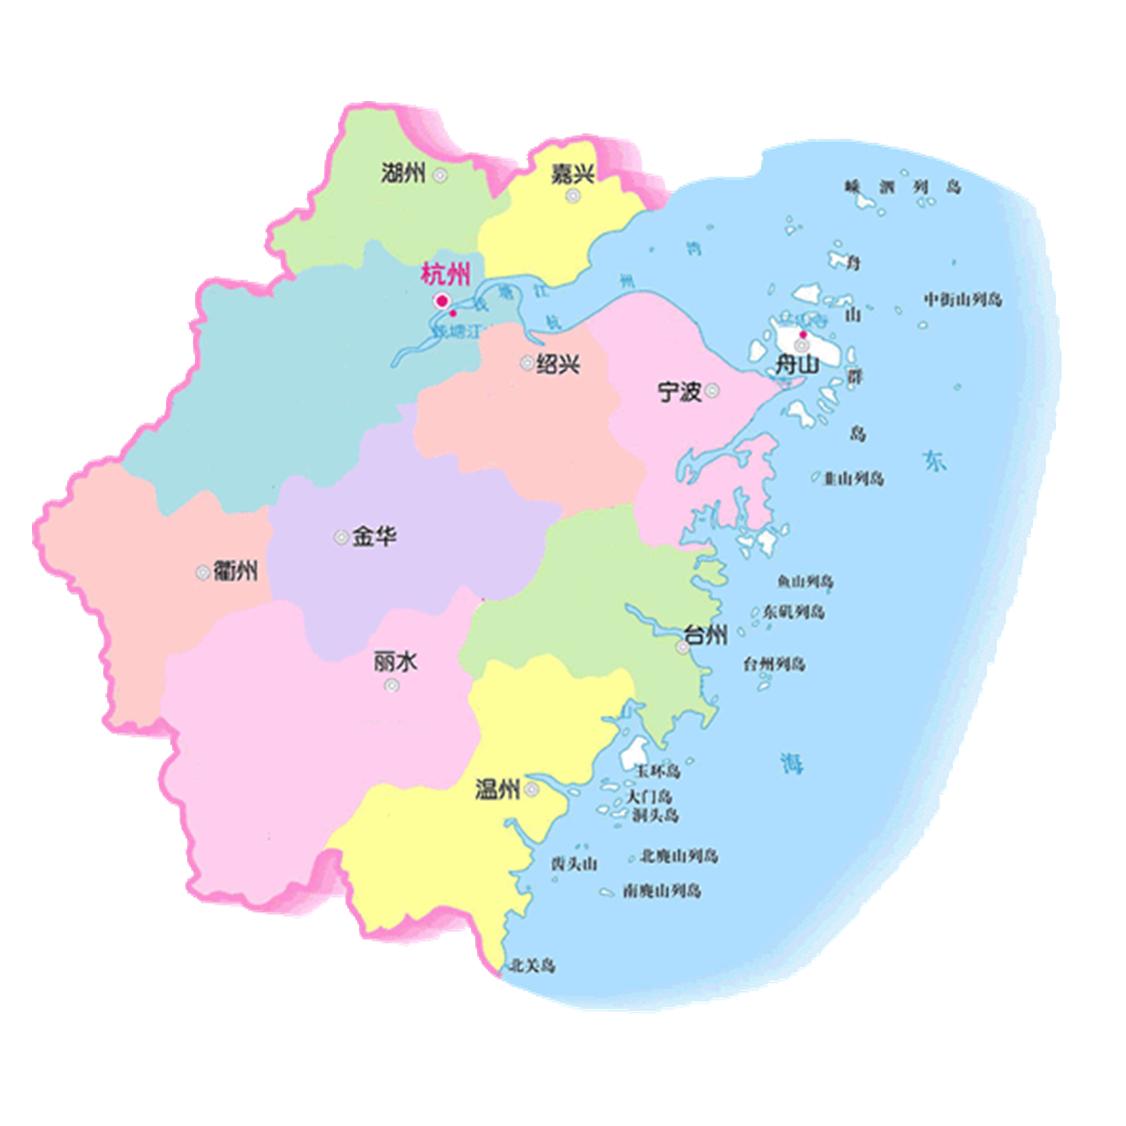 浙江风景区地图高清版